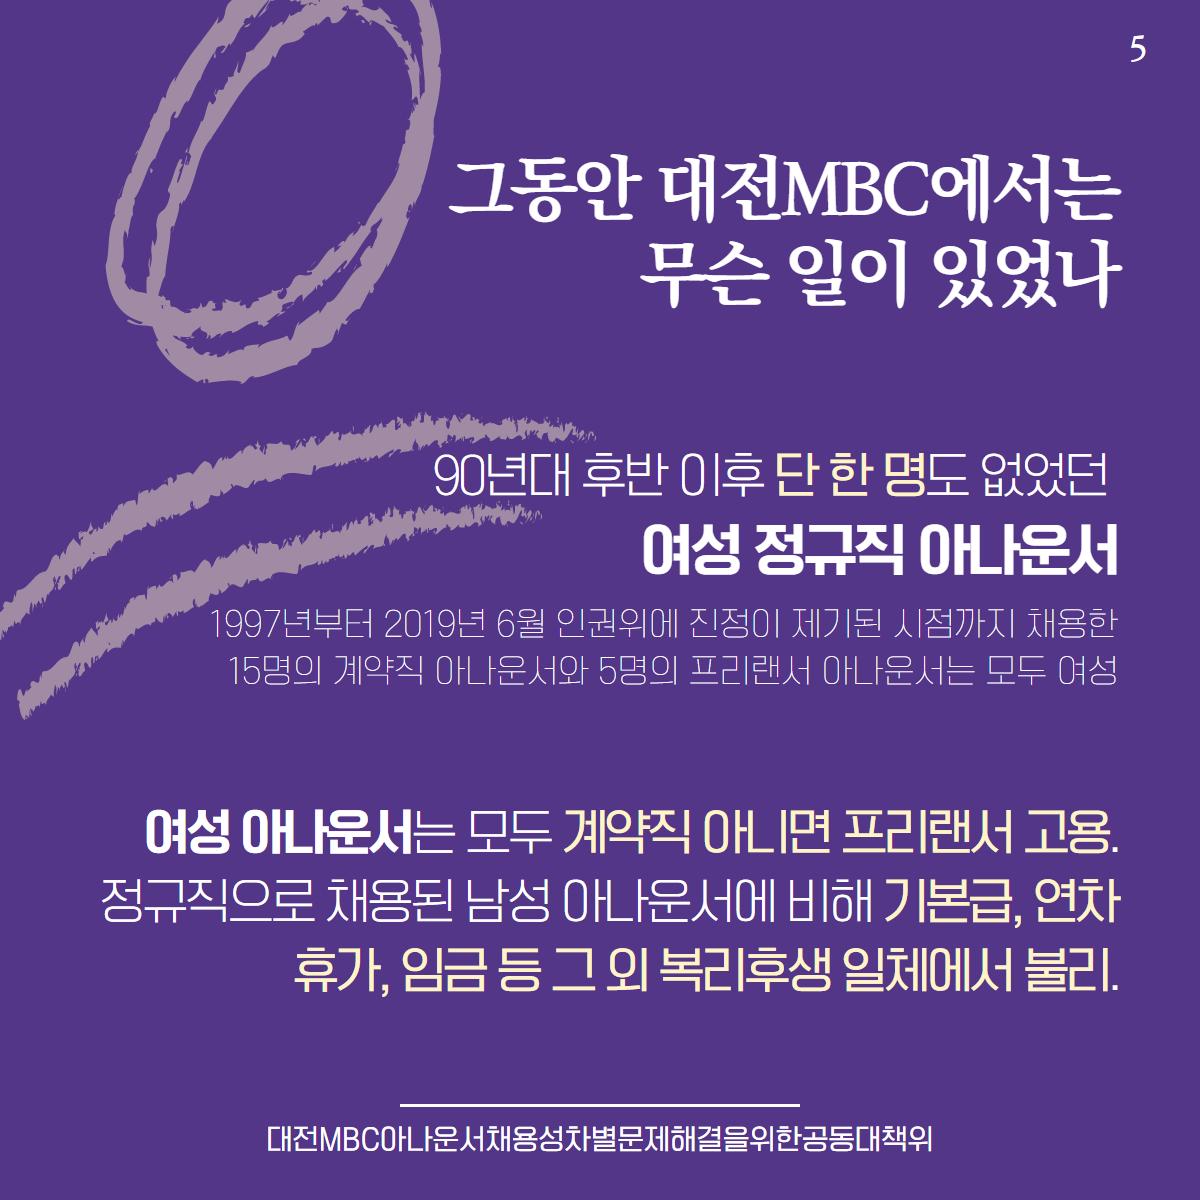 대전MBC_인권위결정1-5.png